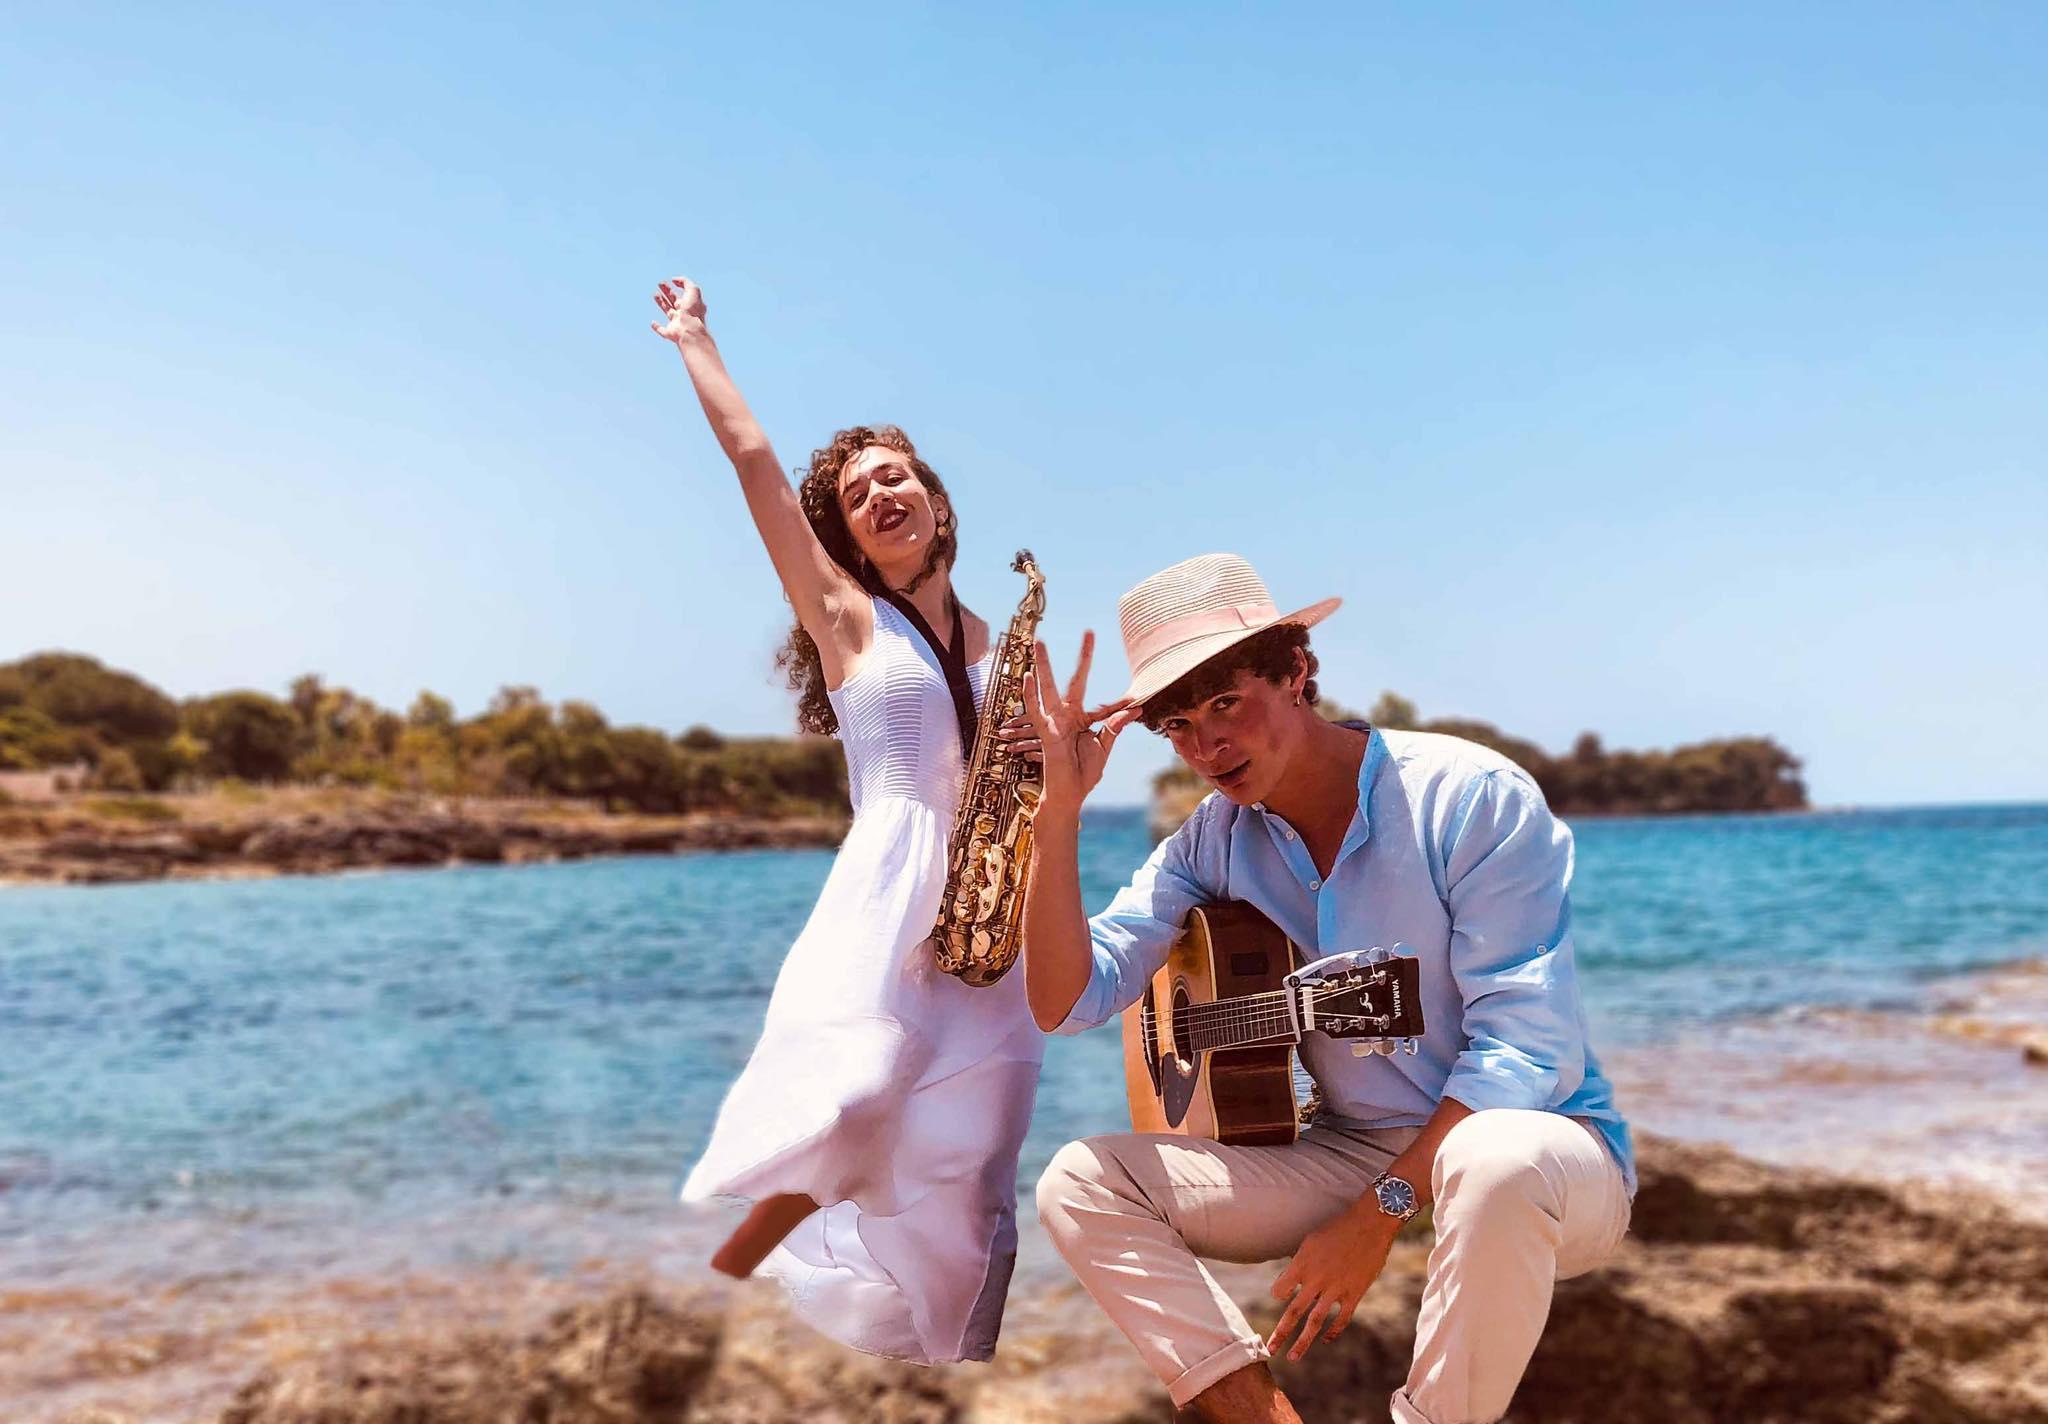 8ο Port Festival: Δύο ημέρες με μουσική στην γιορτή του λιμανιού που επιστρέφει στο Κατάκολο! -Σάββατο 31/7 & Κυριακή 1/8 με ελεύθερη είσοδο